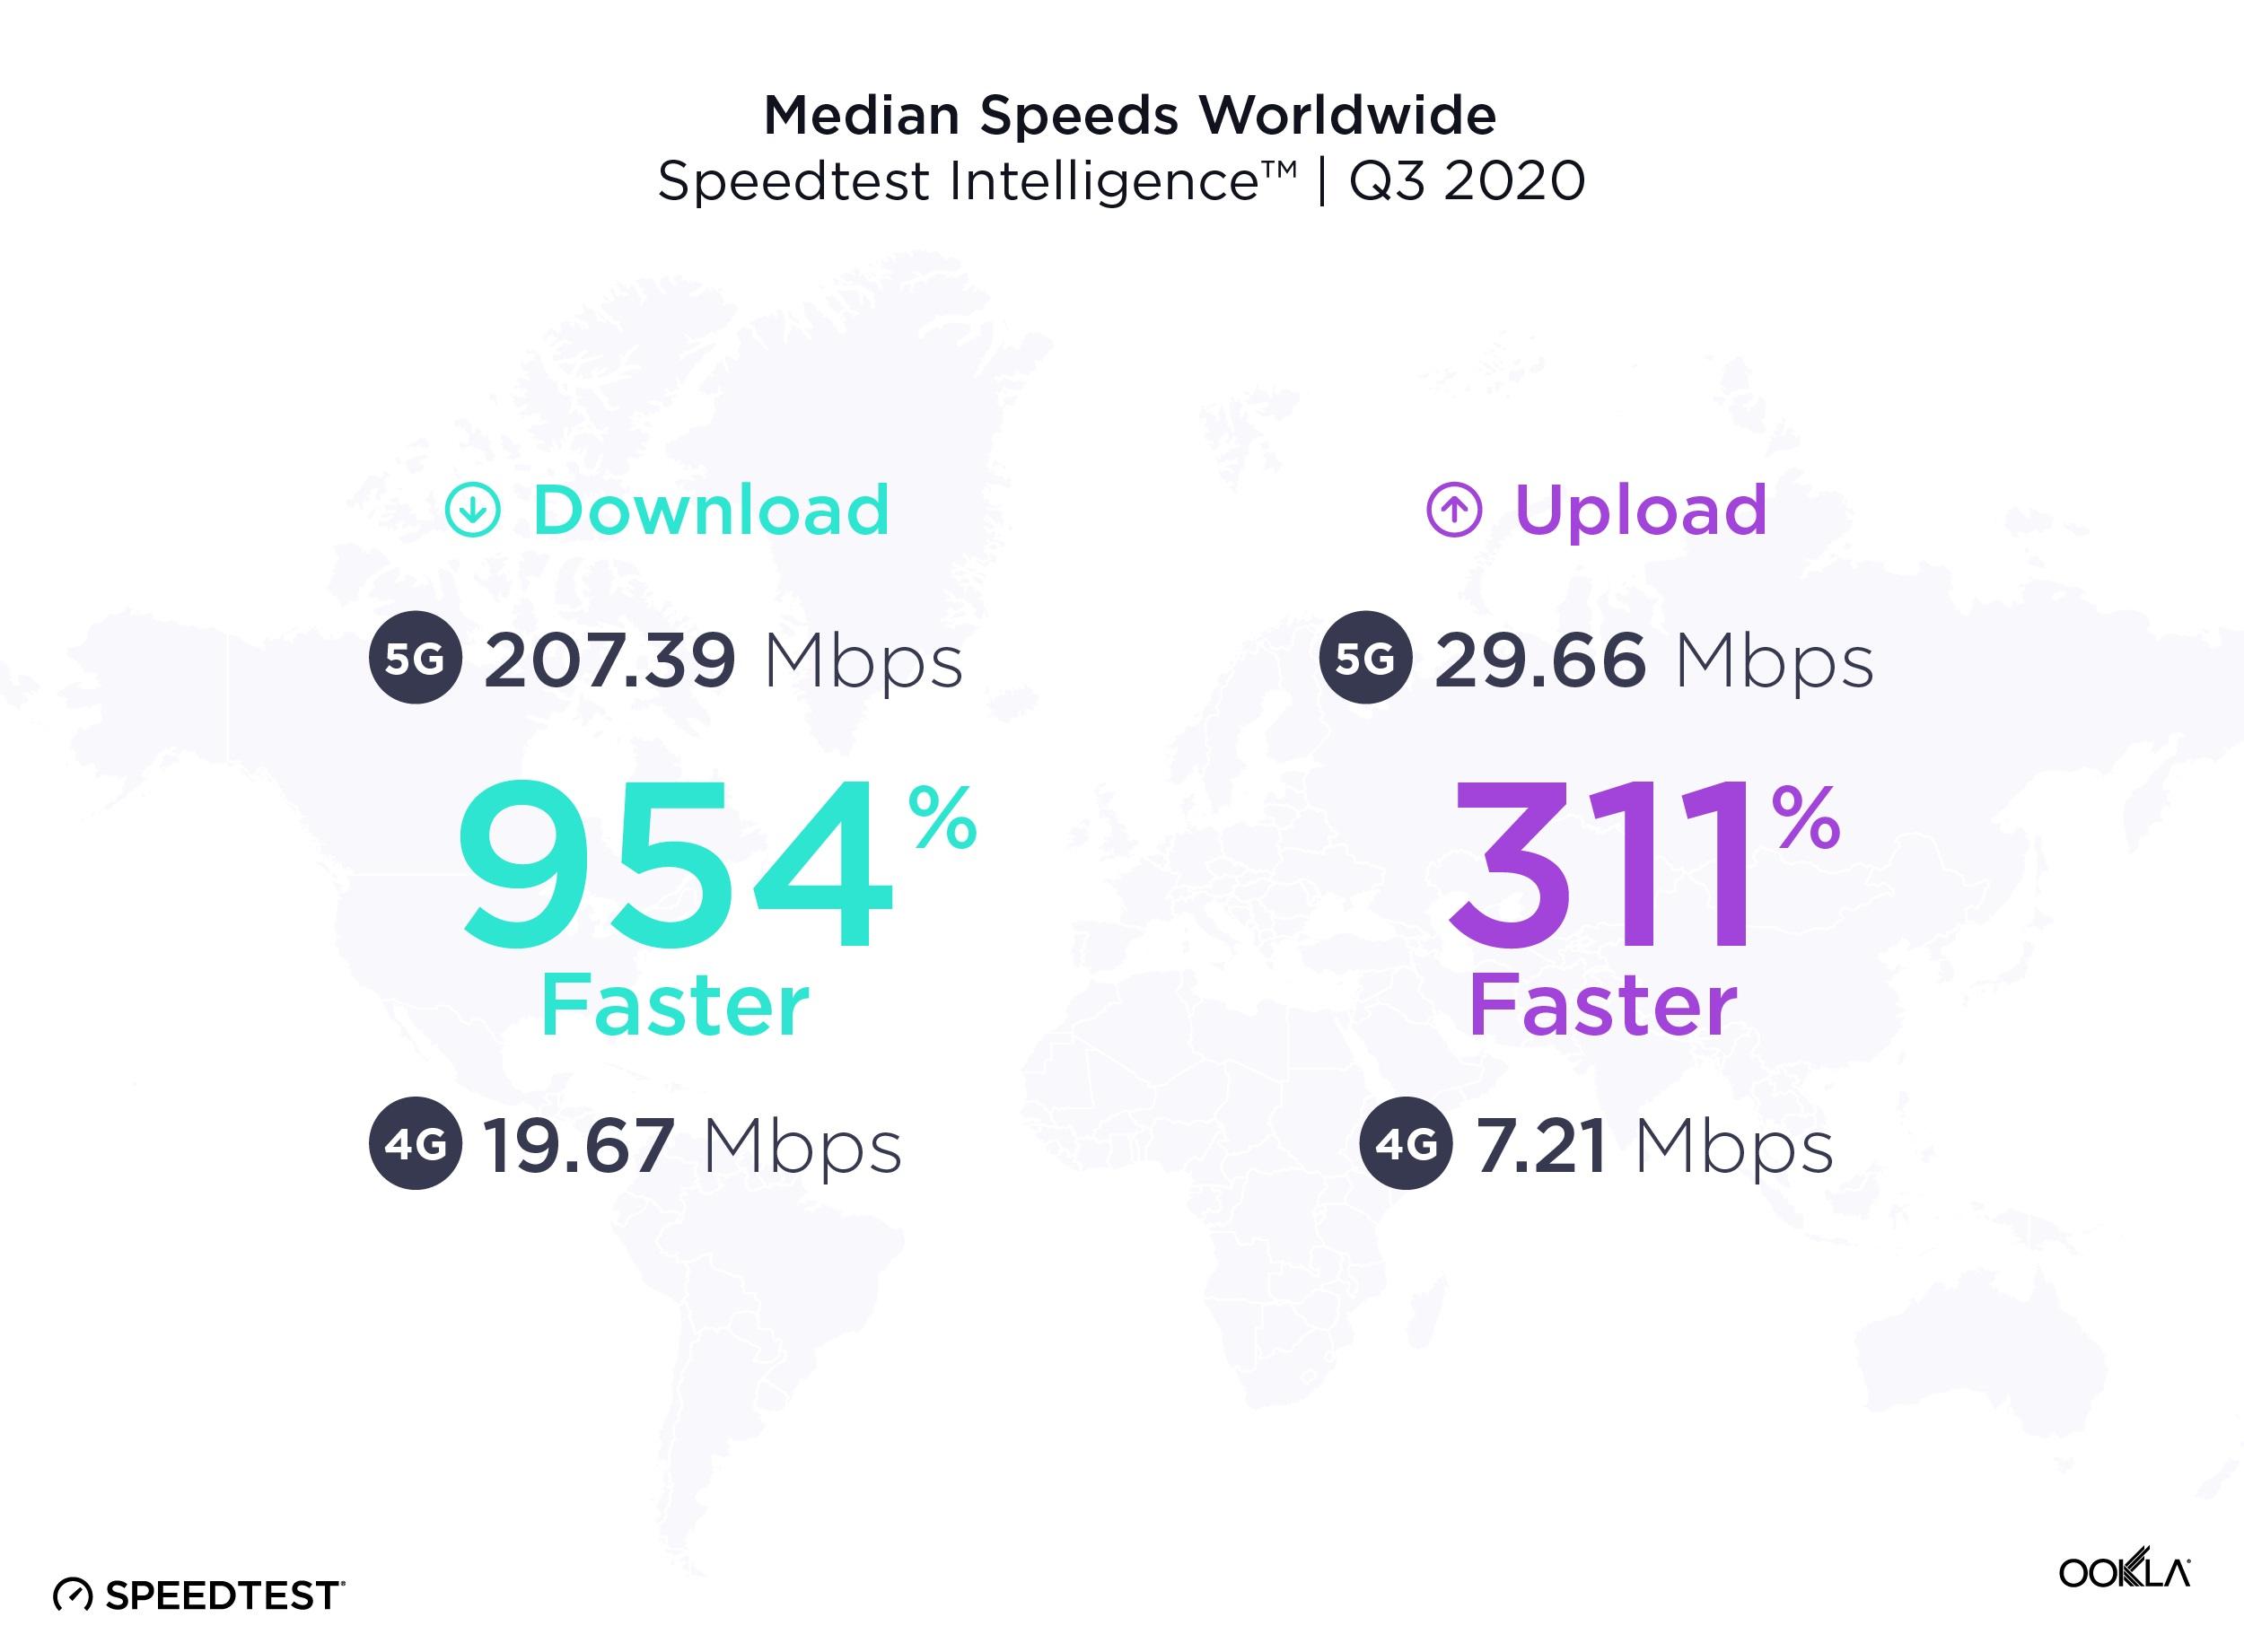 sieć 5G prędkość pobierania wysyłania mediana świat trzeci kwartał Q3 2020 Speedtest